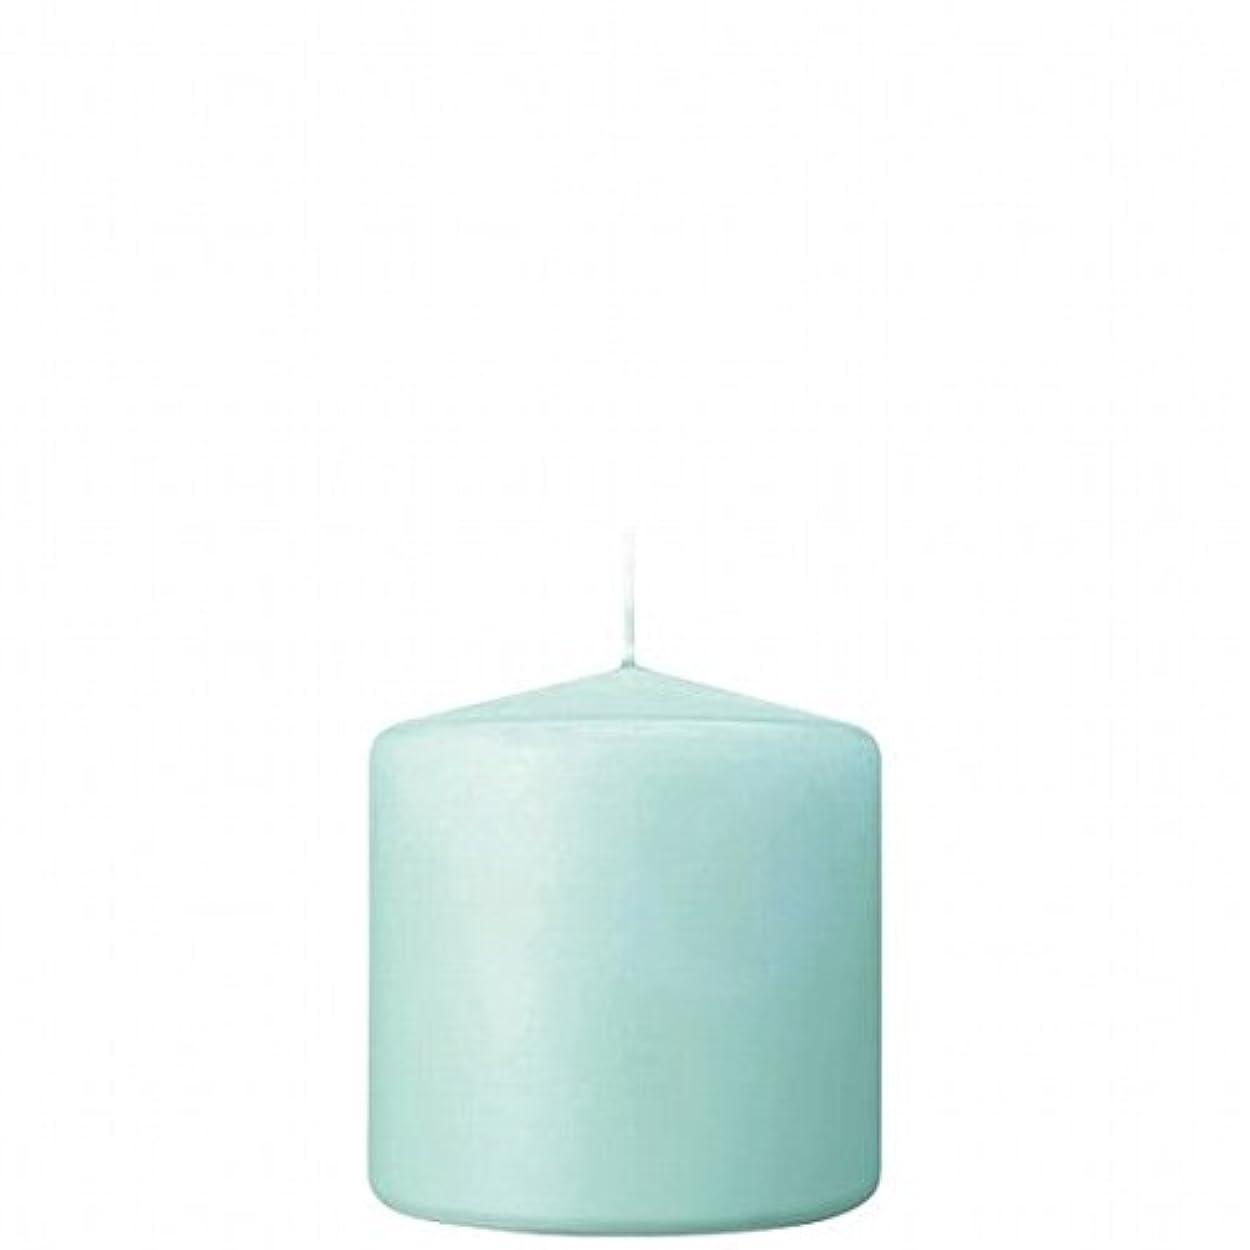 広く論理的に復活するkameyama candle(カメヤマキャンドル) 3×3ベルトップピラーキャンドル 「 ライトブルー 」(A9730000LB)